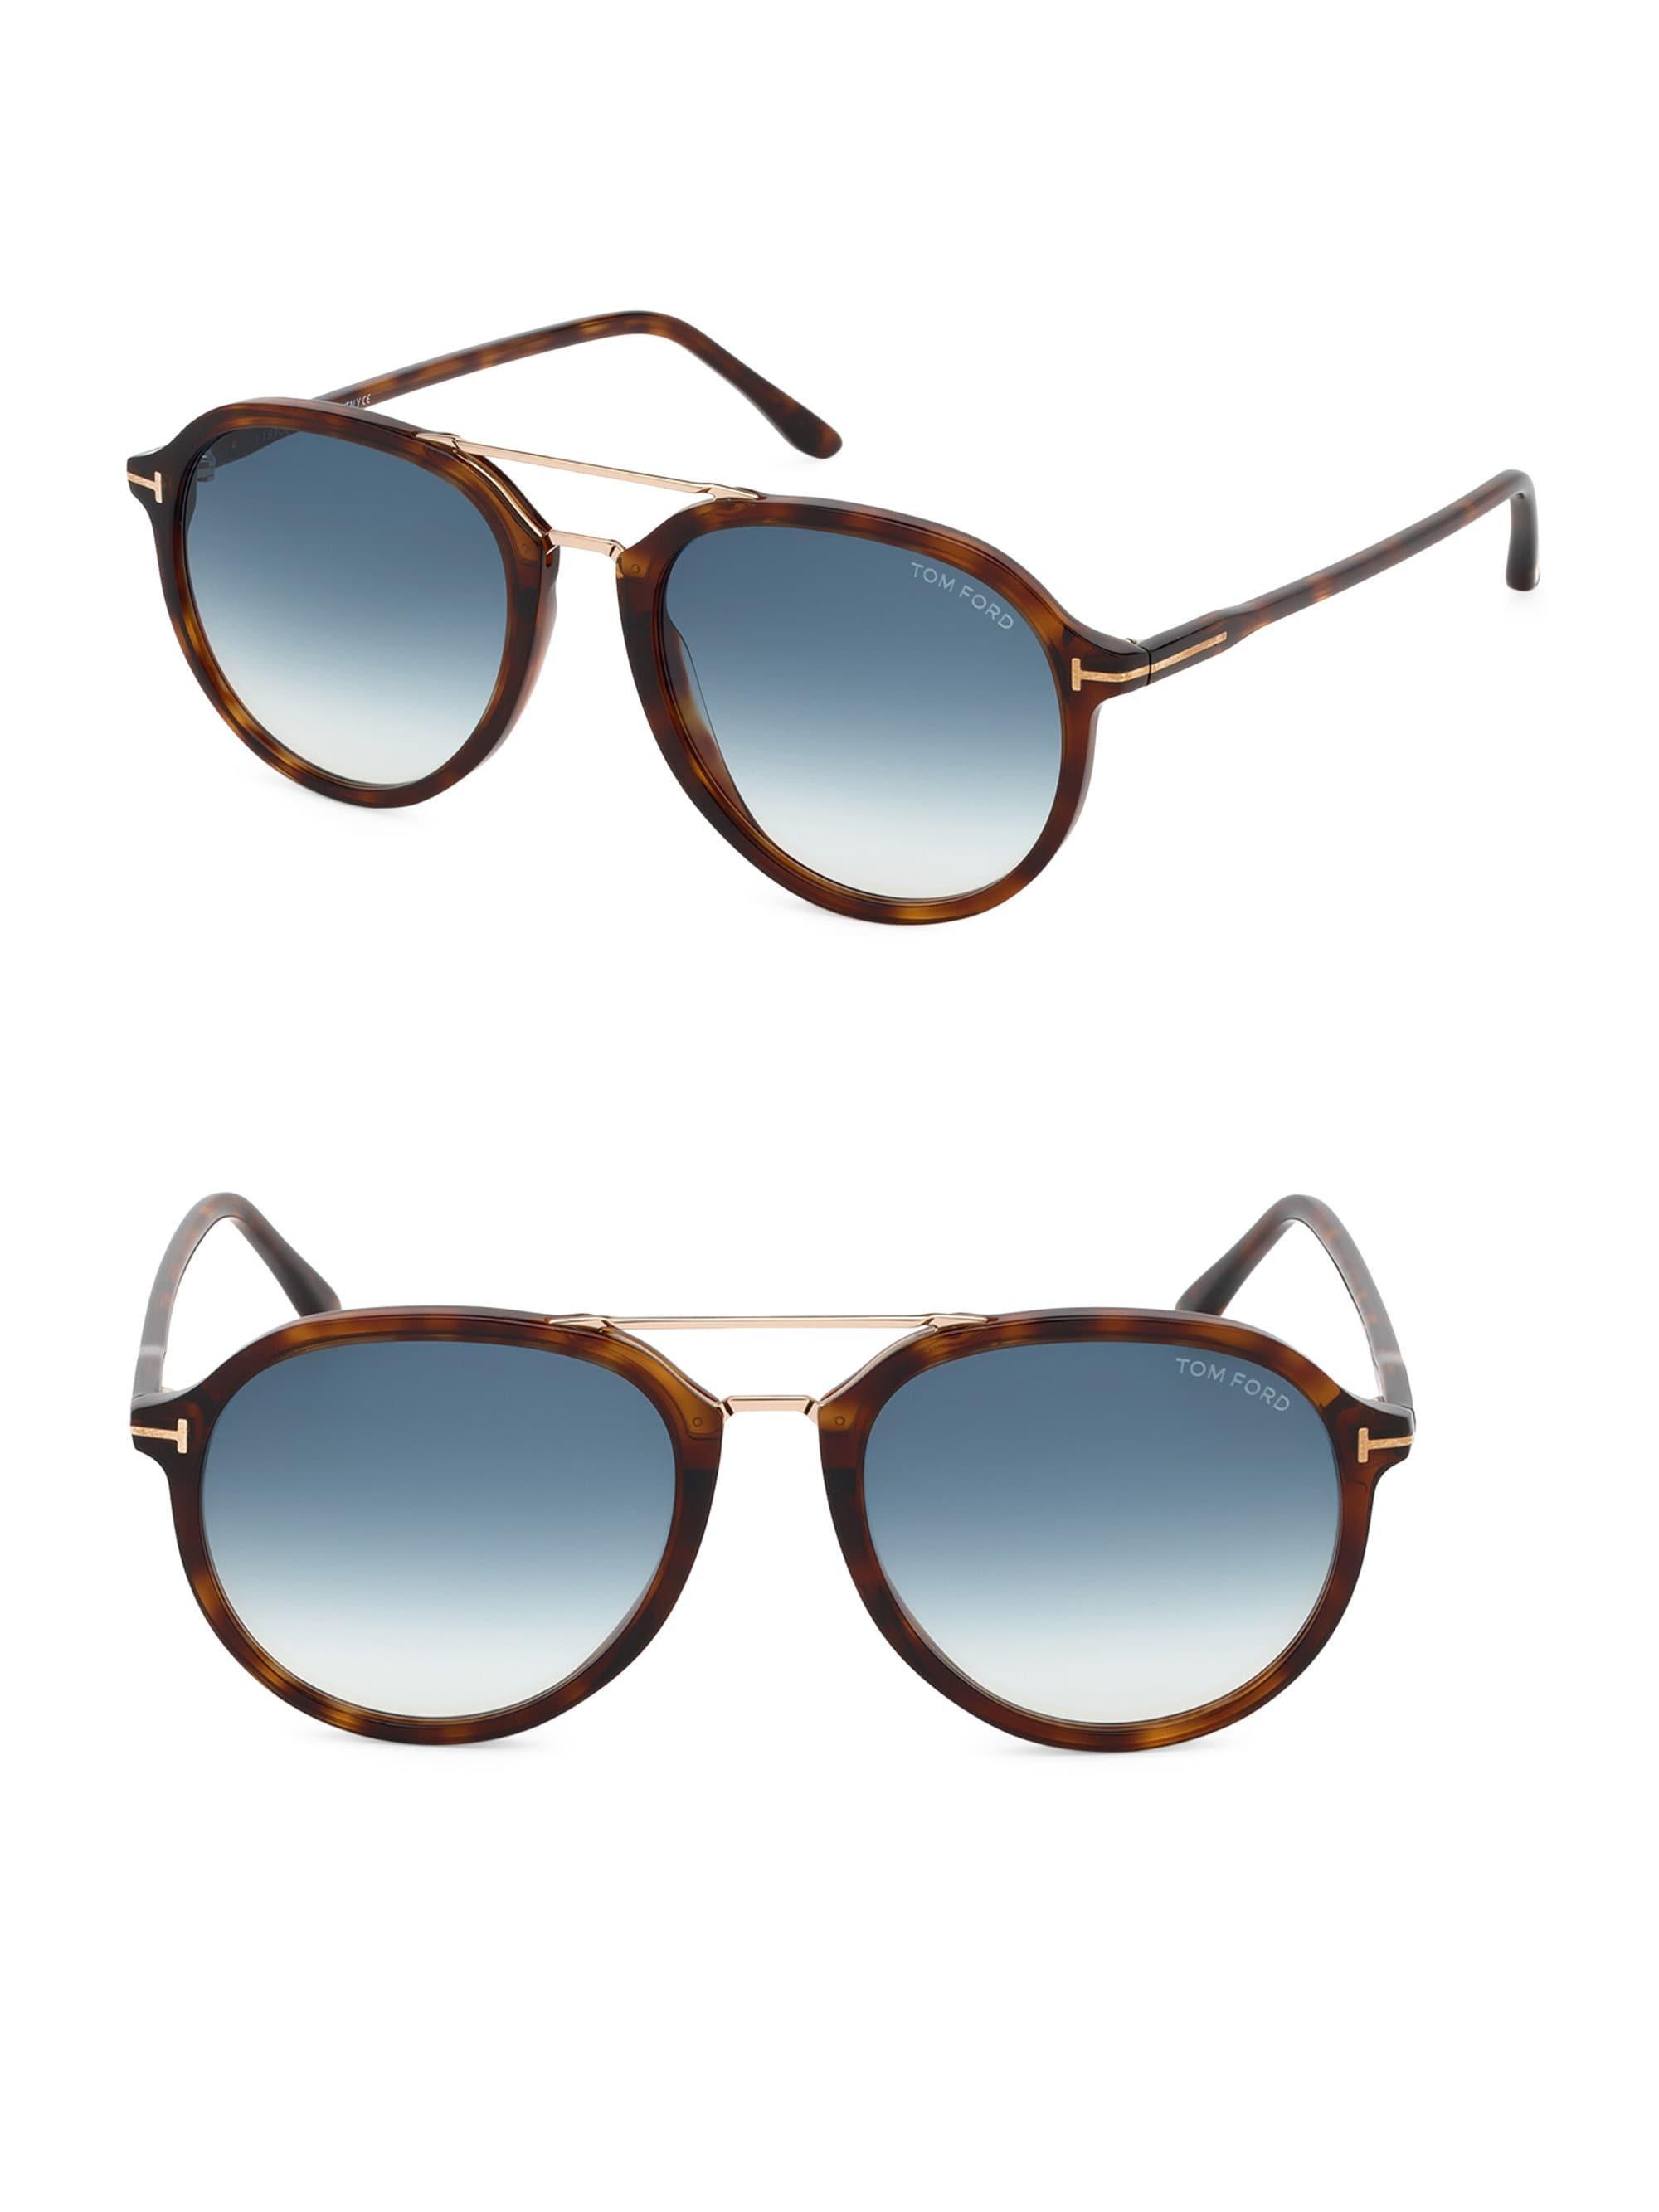 e27750bb50dc3 Tom Ford - Men s Rupert 55mm Round Aviator Sunglasses - Brown for Men -  Lyst. View fullscreen